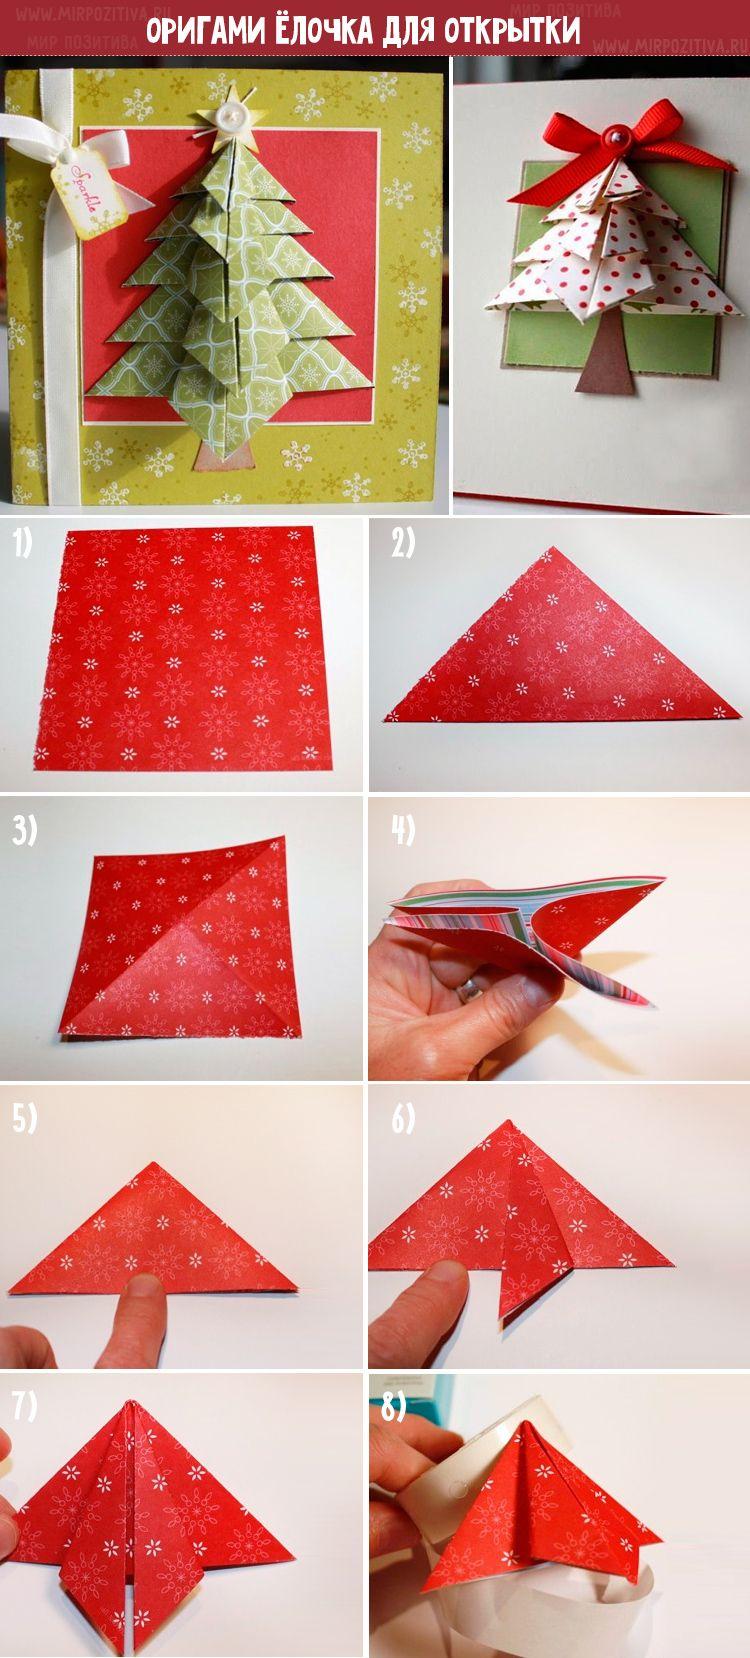 Открытки из оригами на новый год, бриллиантами телефон